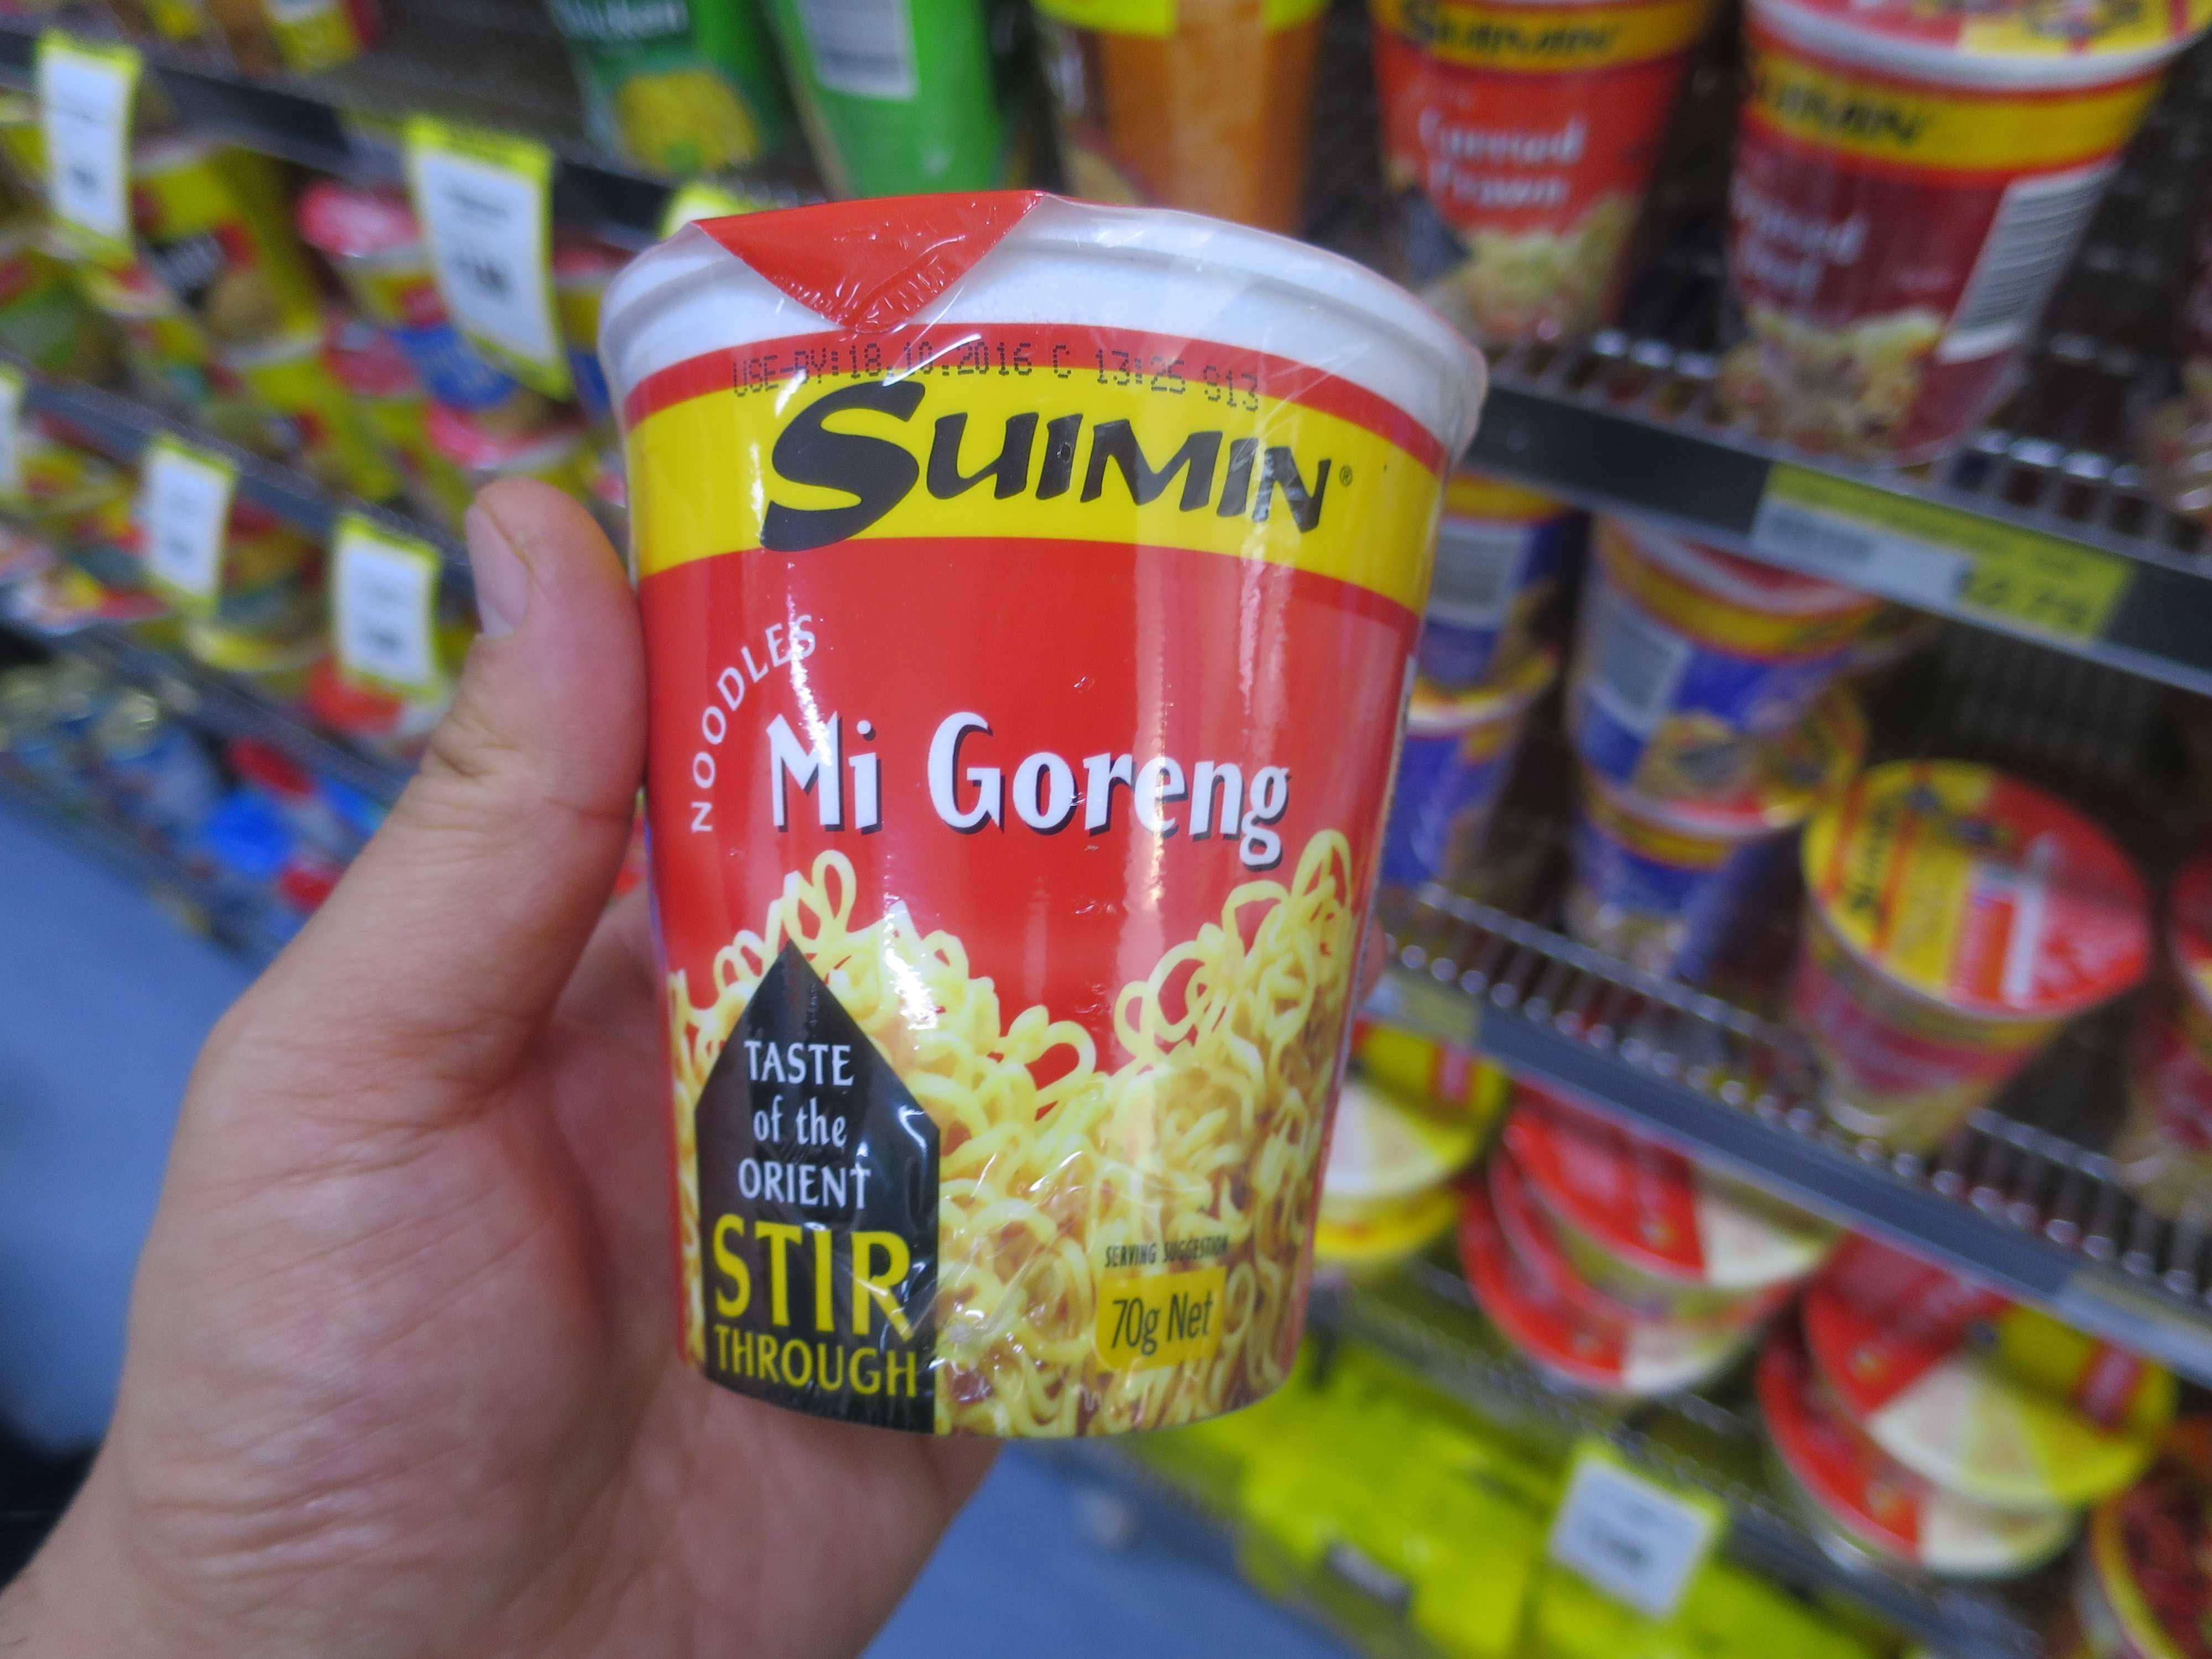 オーストラリアのカップラーメン - Suimin Mi Goreng